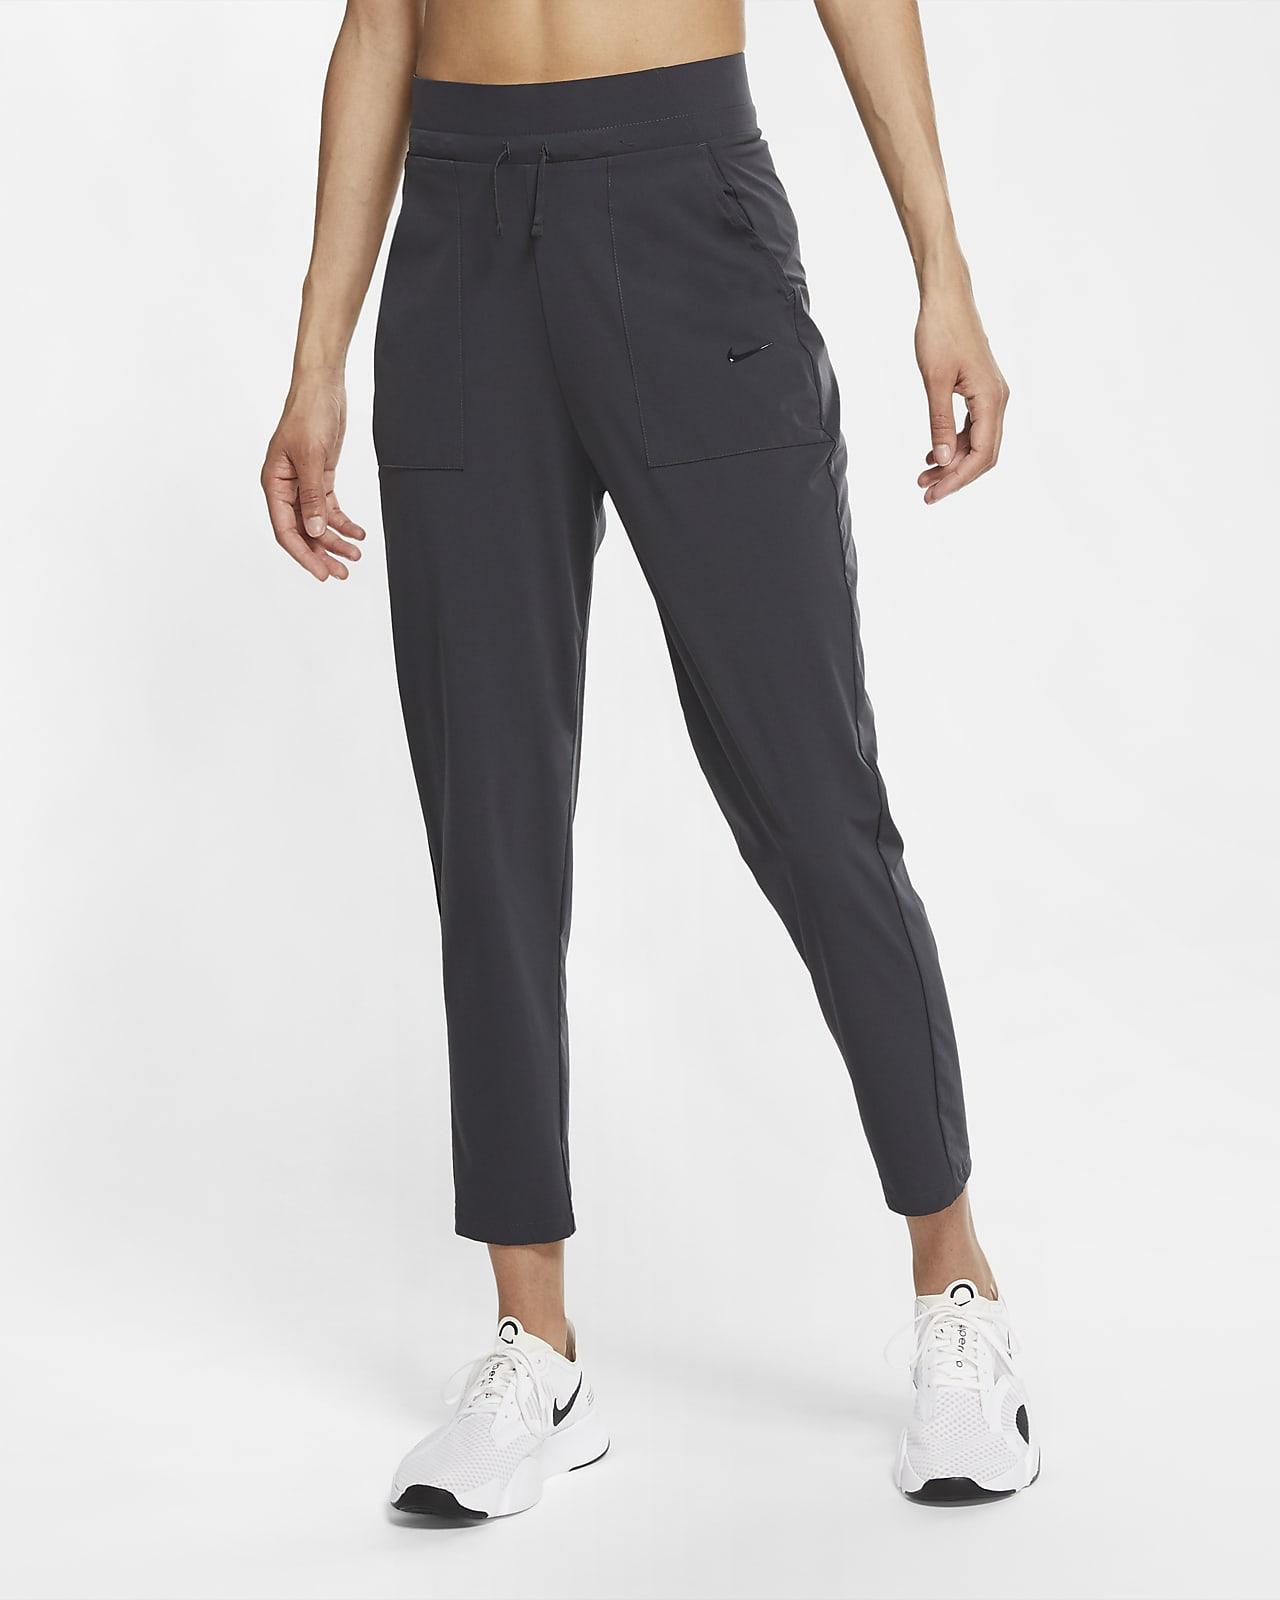 Pantalones de entrenamiento de 7/8 para mujer Nike Bliss Luxe